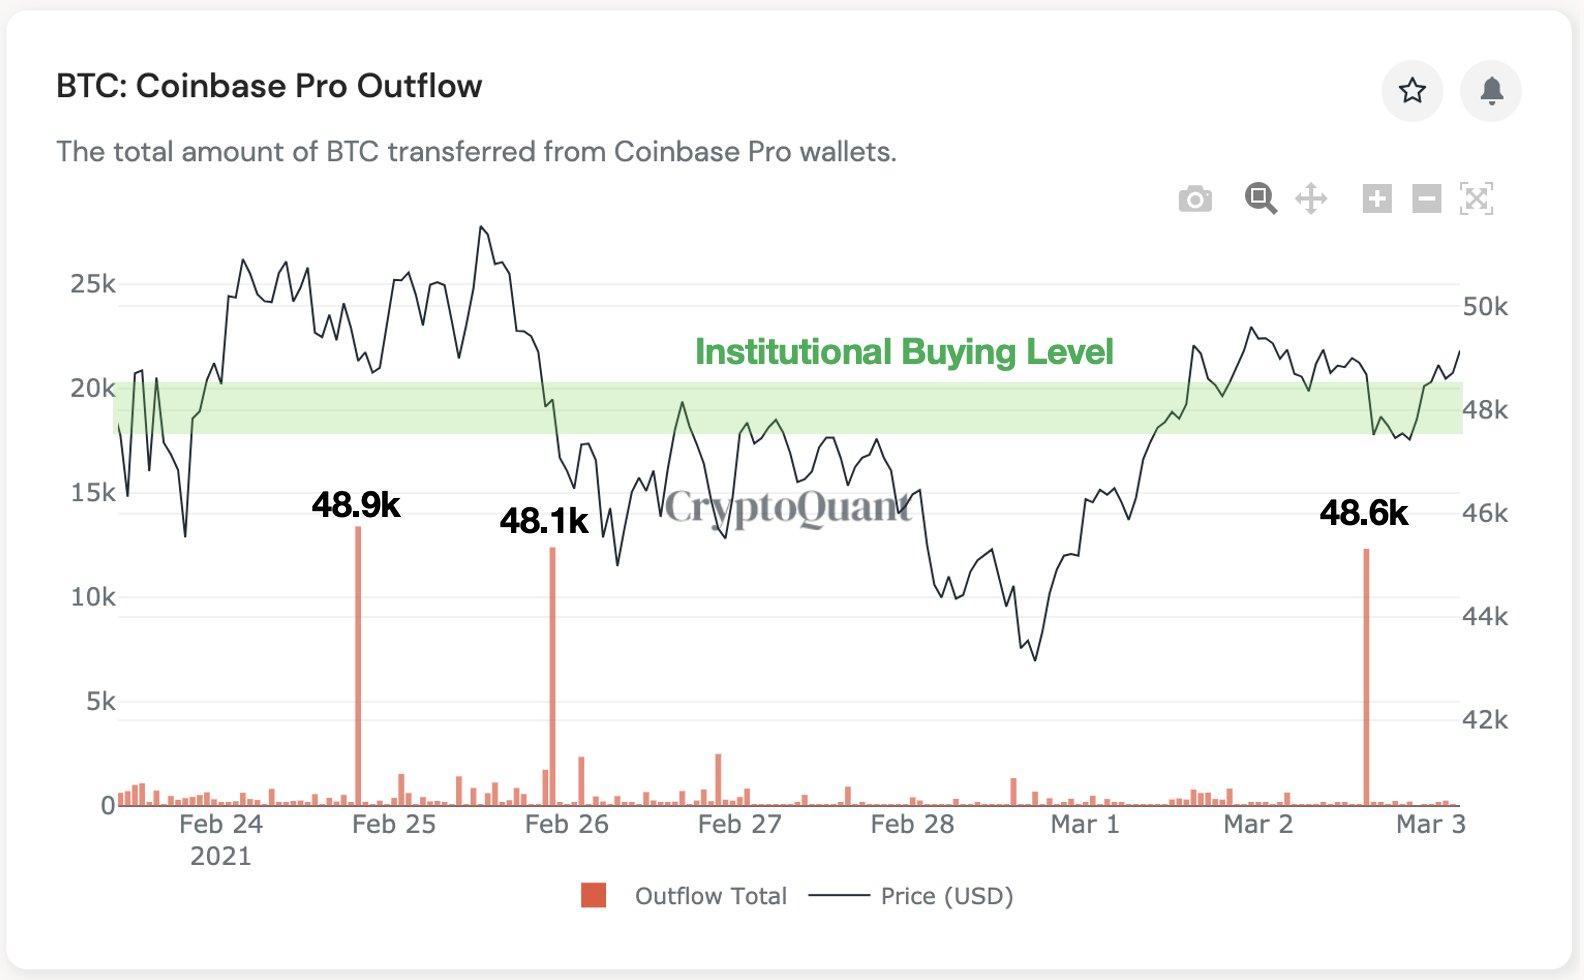 Grafico dei deflussi da Coinbase Pro